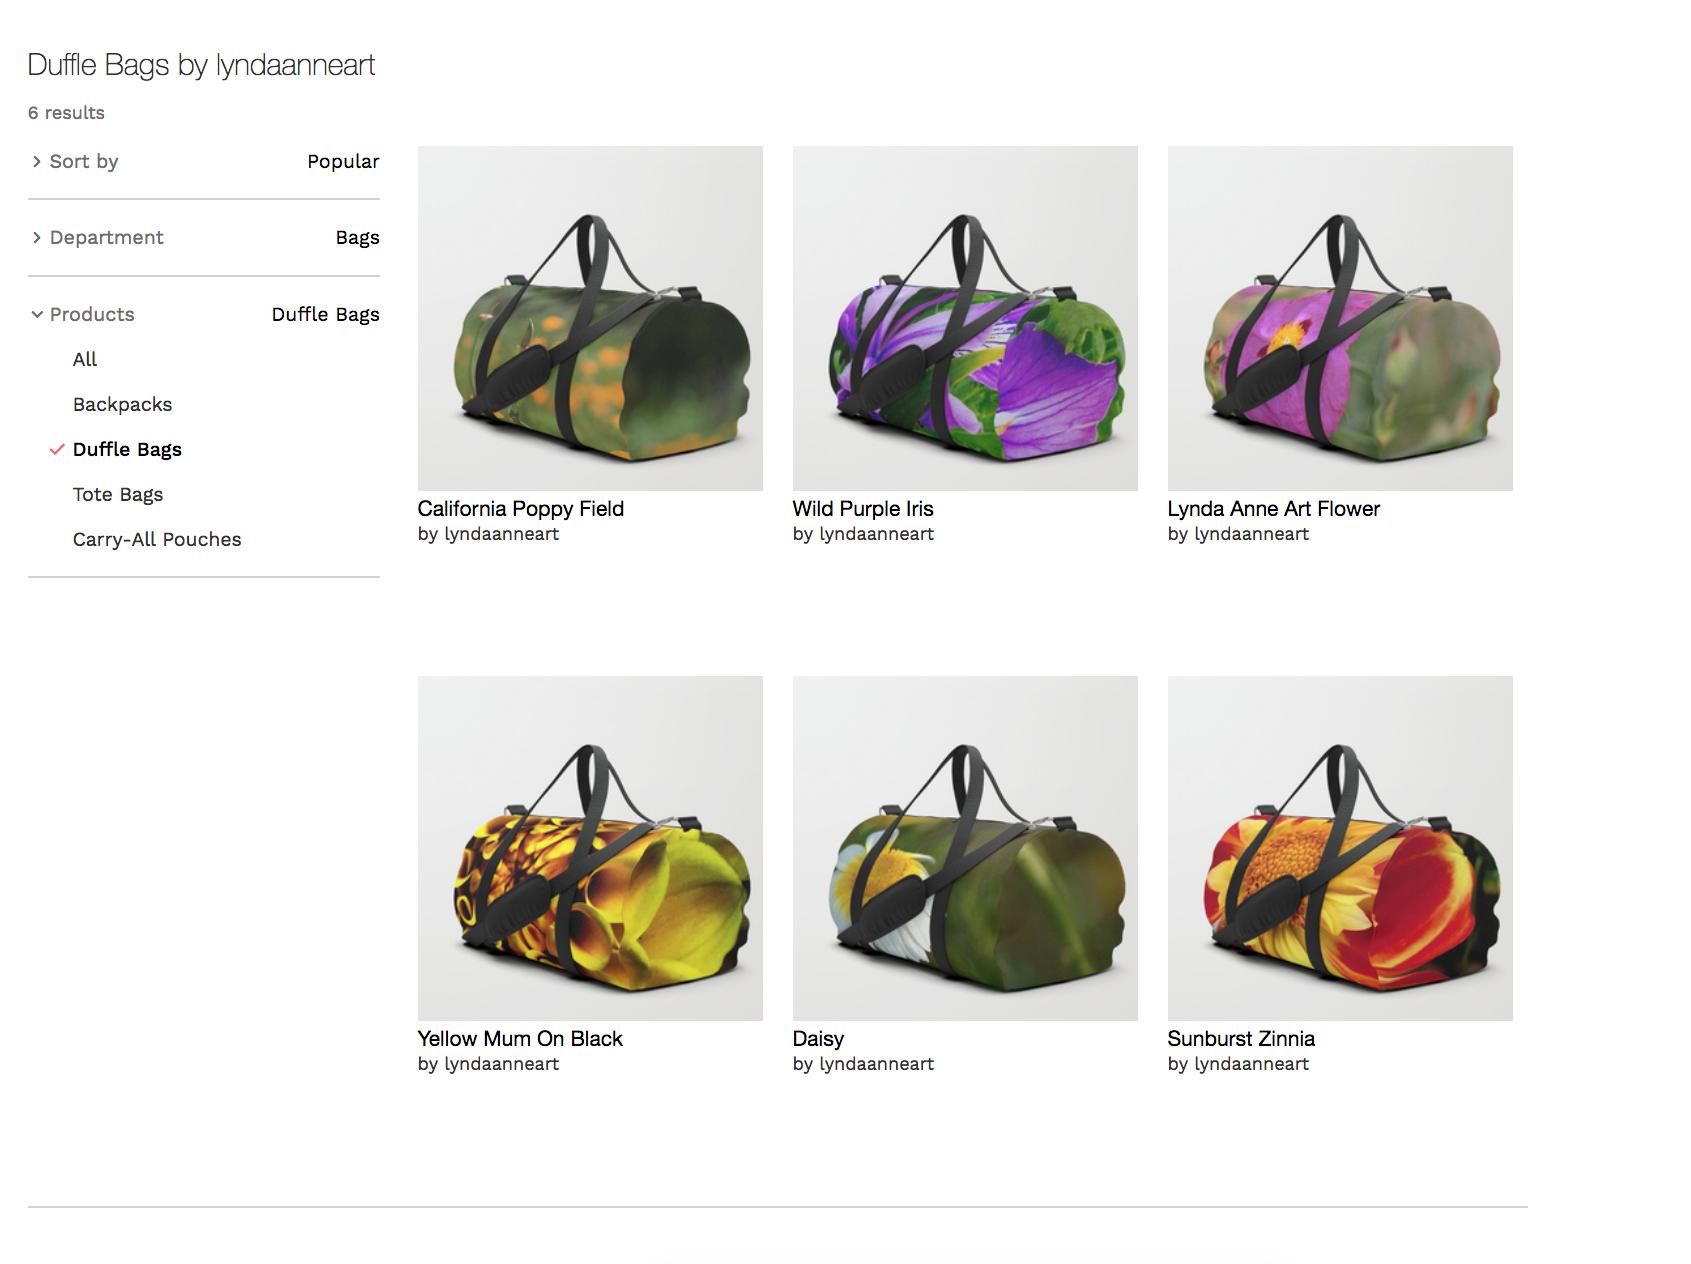 LA Duffle Bags Floral Designs